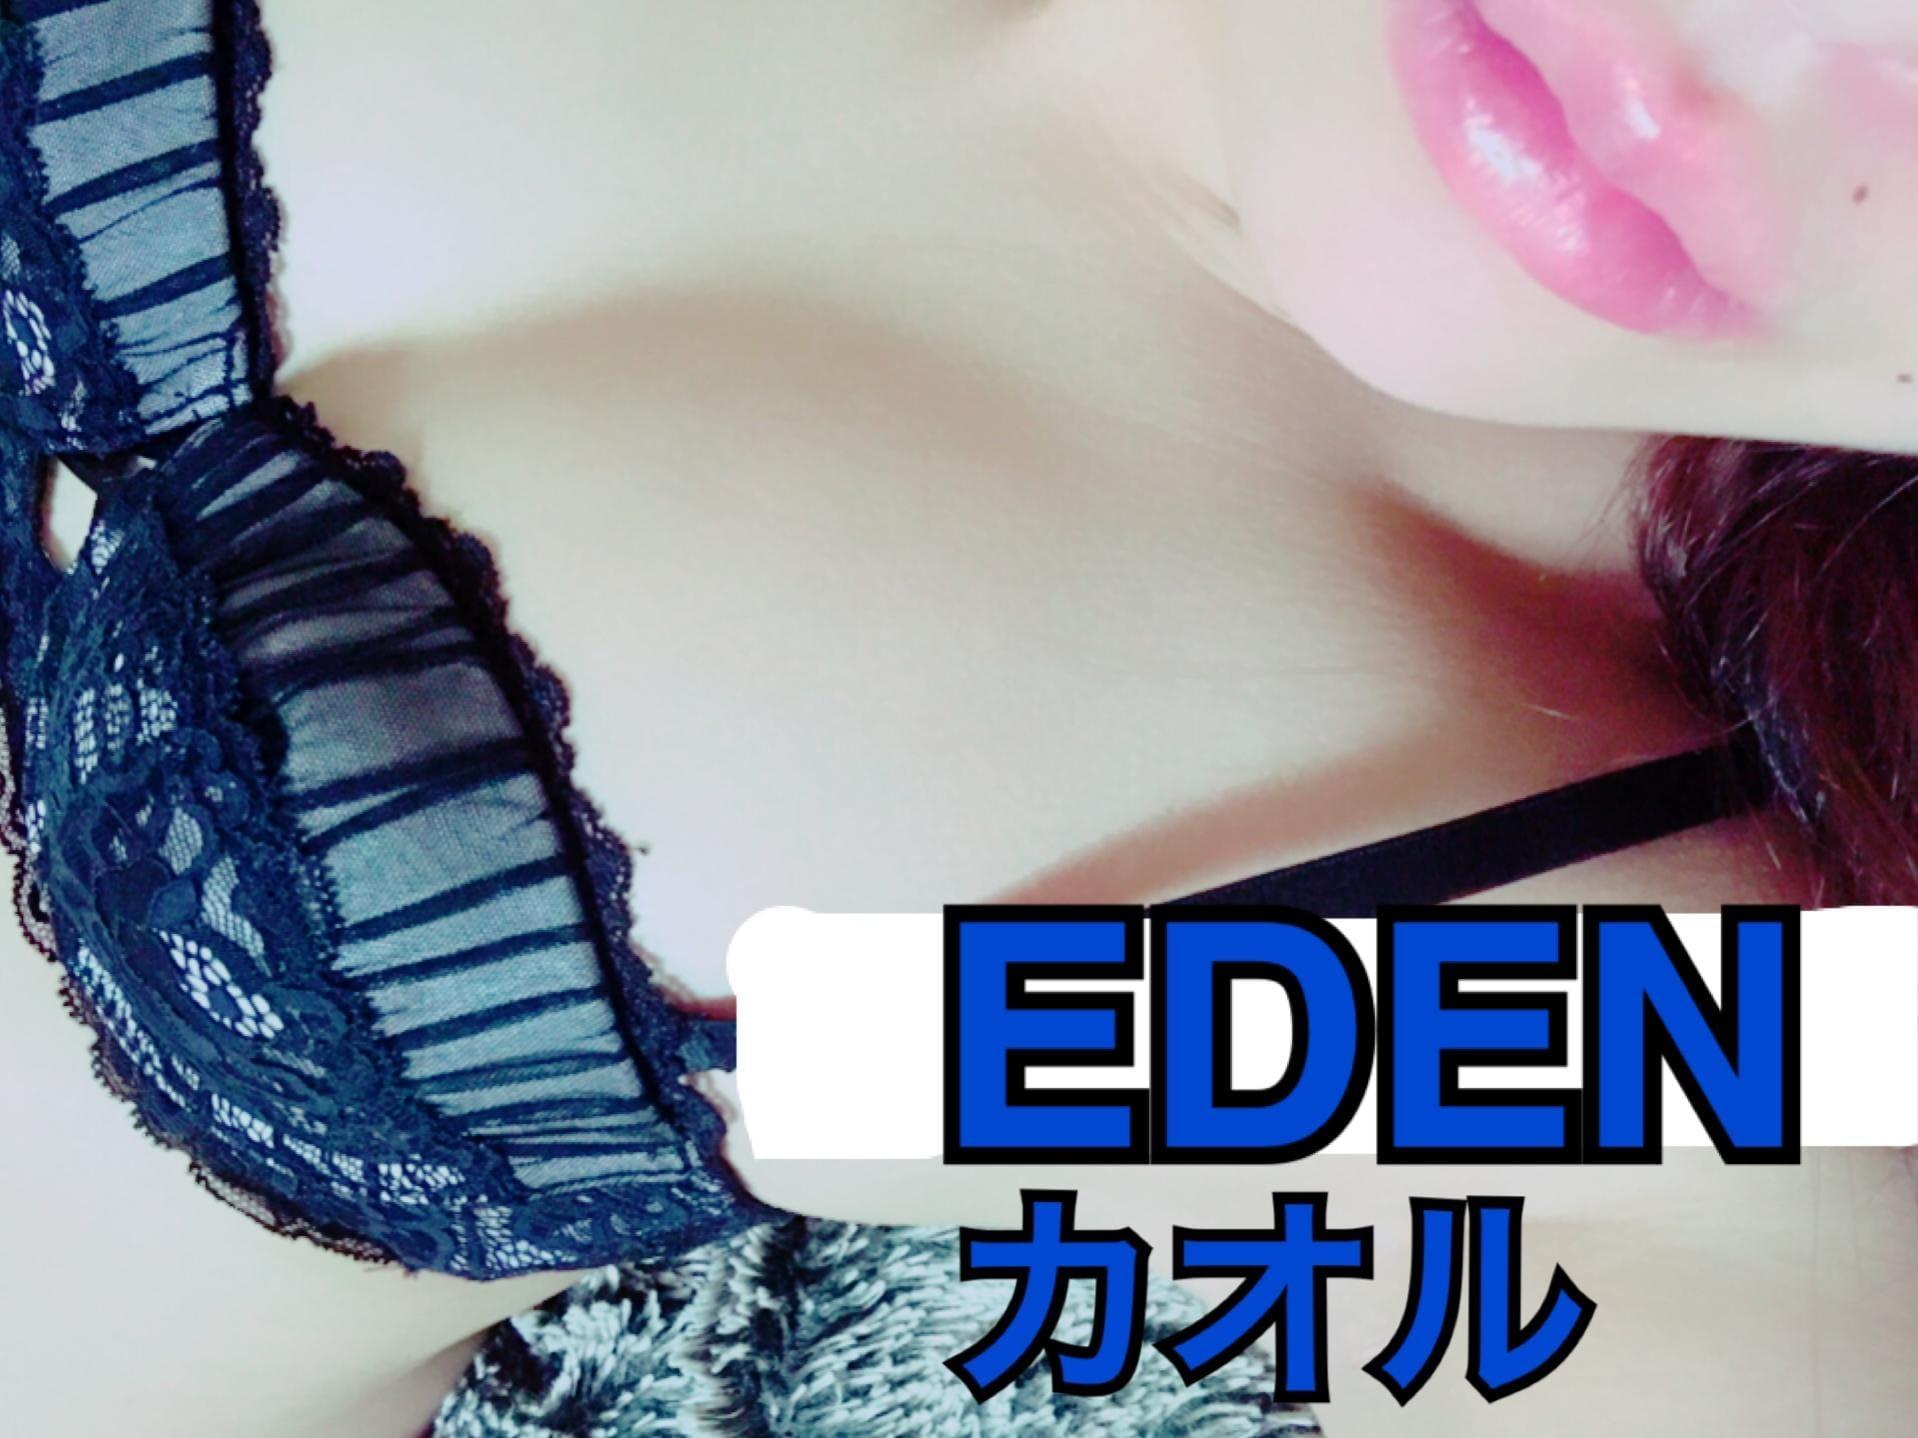 「EDEN」08/15(水) 11:26 | カオル(青森出勤)の写メ・風俗動画